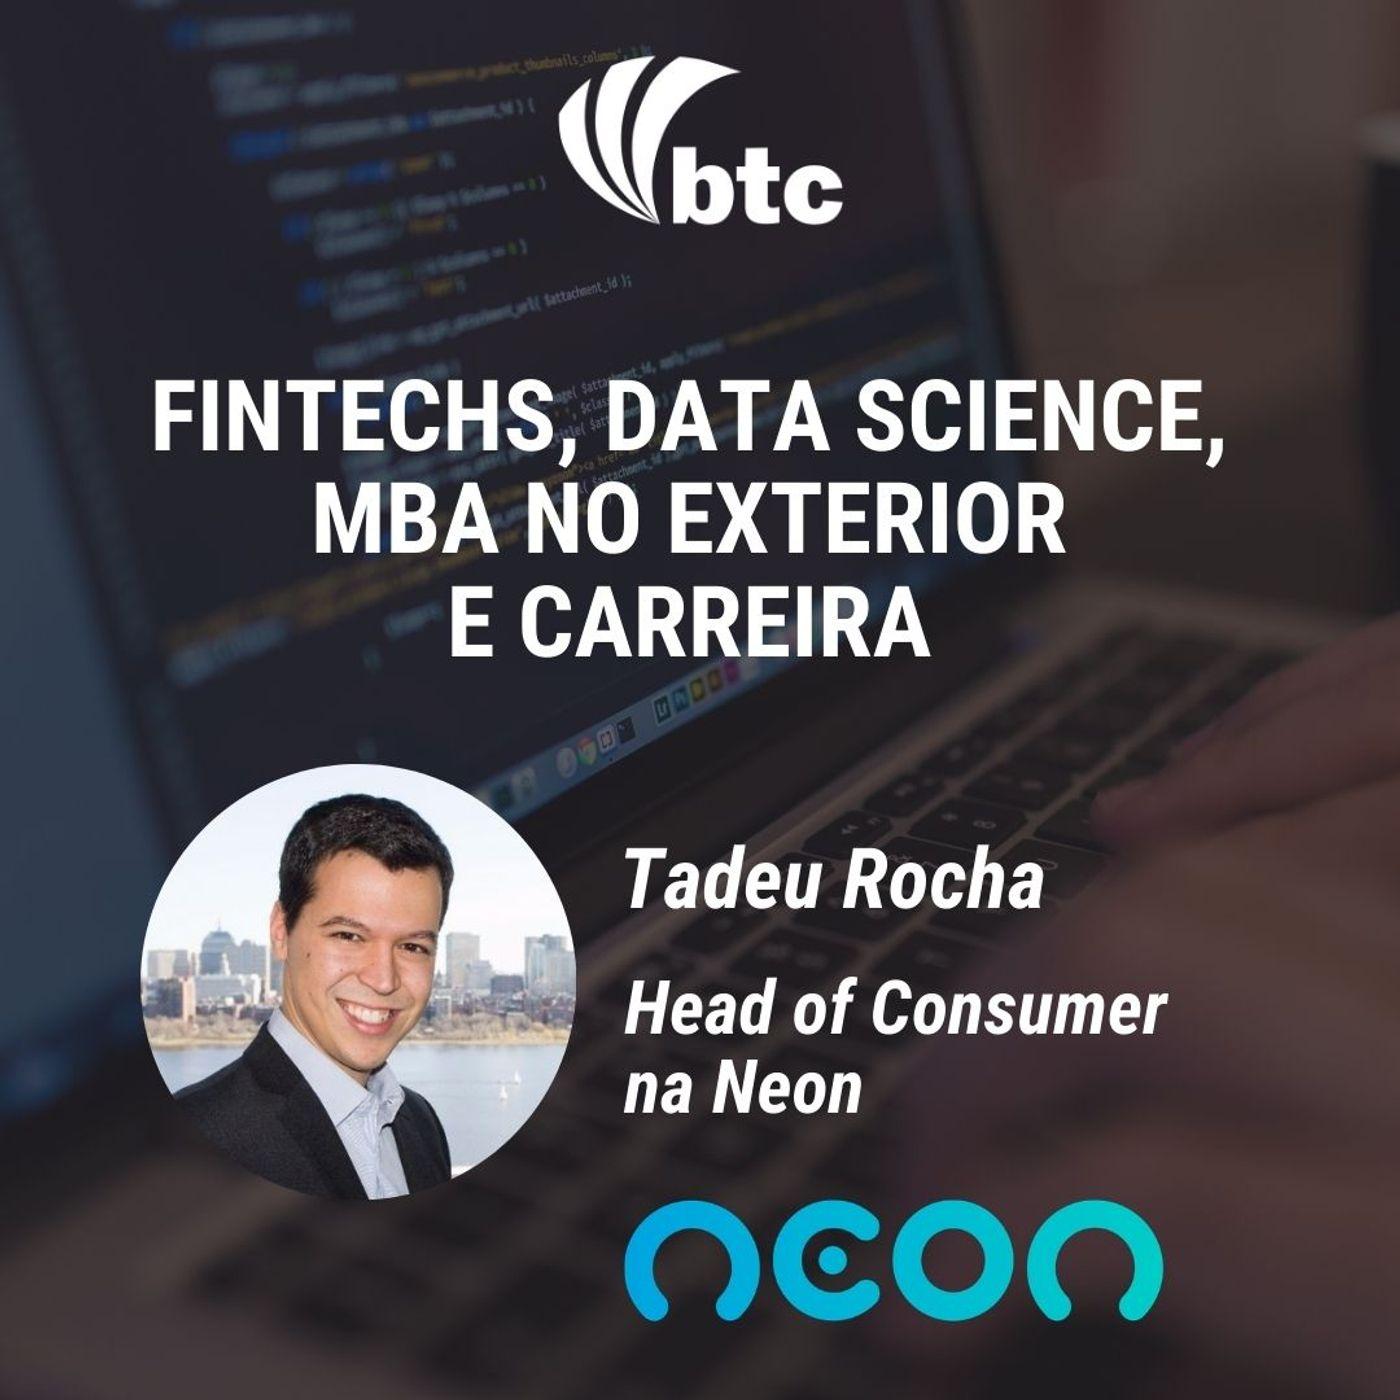 Fintechs, Data Science, MBA no Exterior e Carreira   Papo BTC